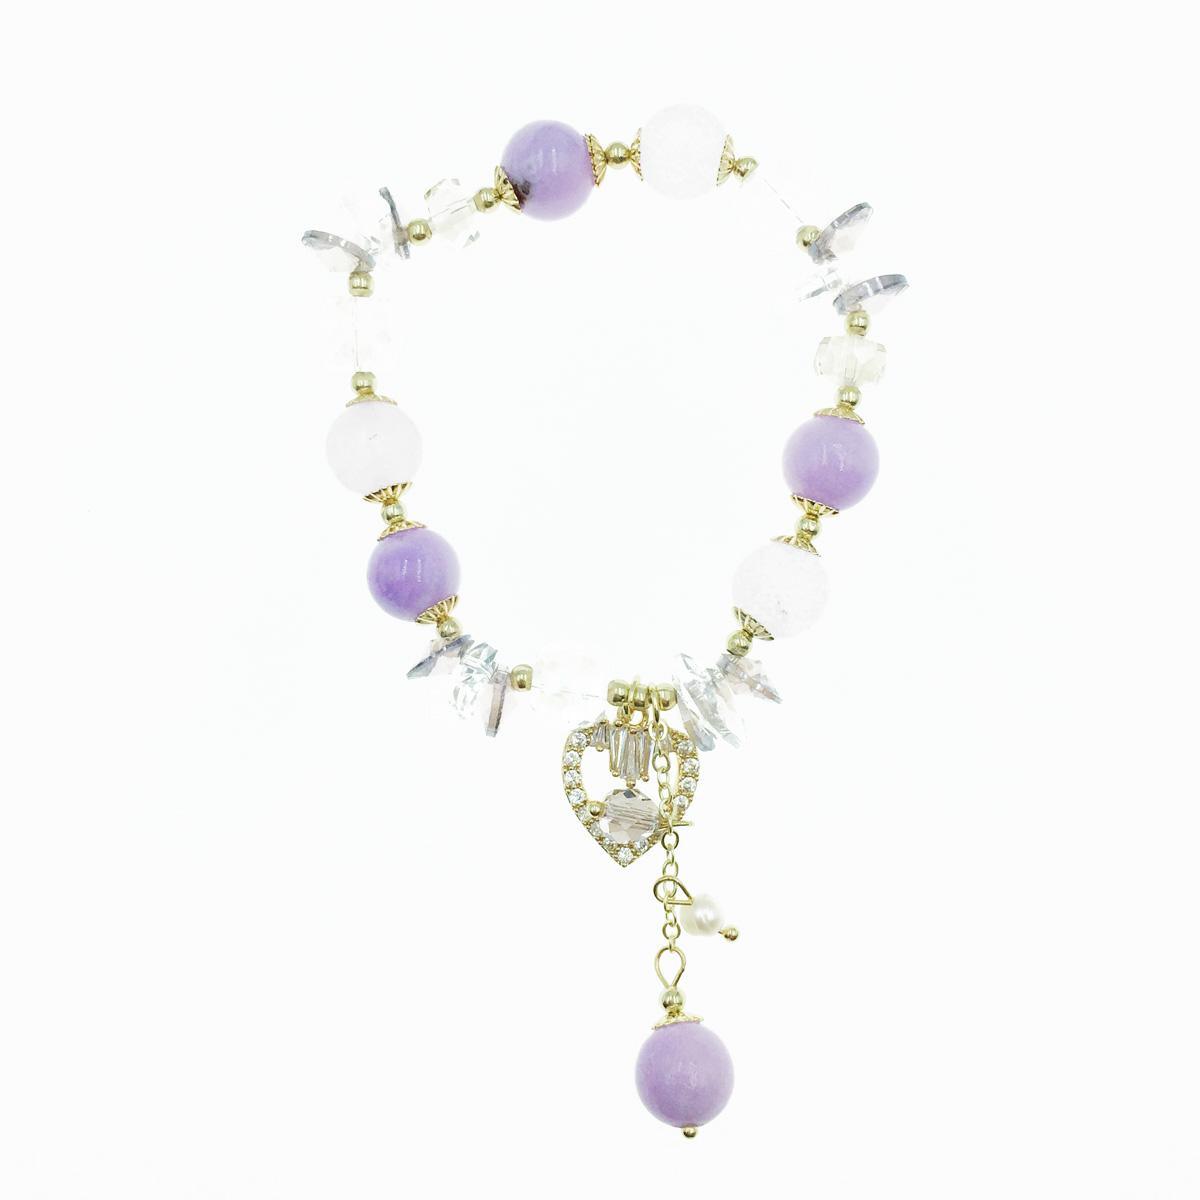 韓國 珠珠 水晶 愛心水鑽 墜飾 手鍊